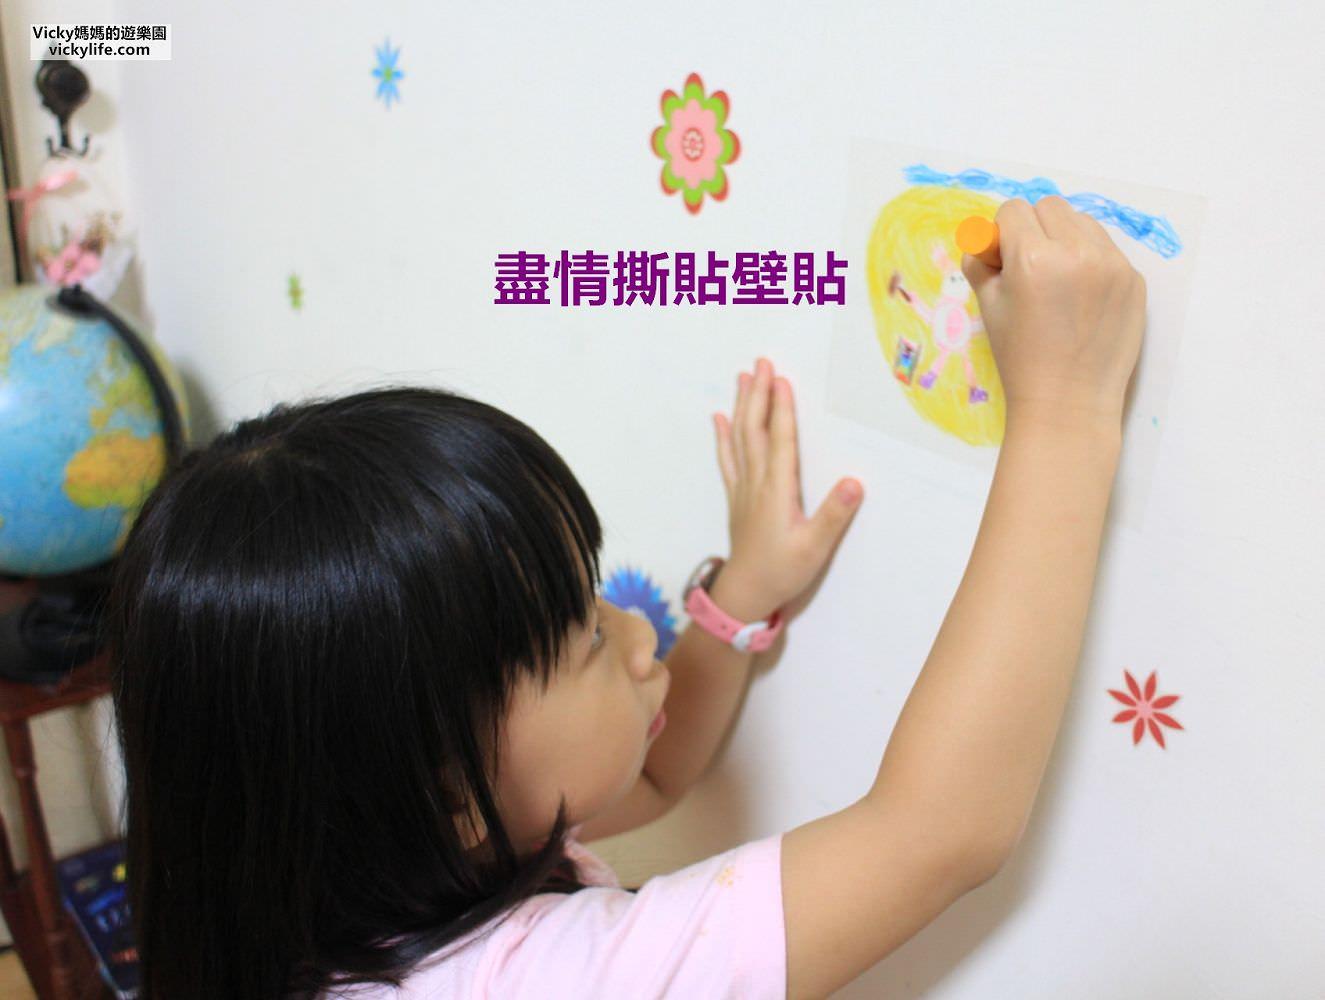 兒童用品︱無毒大豆蠟筆kidzcrayon,任意撕貼壁貼,讓孩子恣意揮灑想像